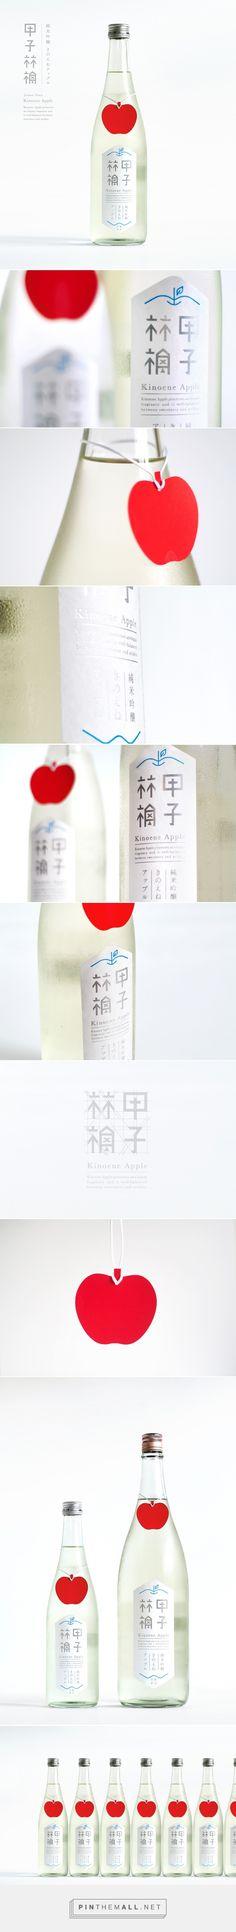 Kinoene Apple sake packaging design by tegusu - http://www.packagingoftheworld.com/2017/07/kinoene-apple.html